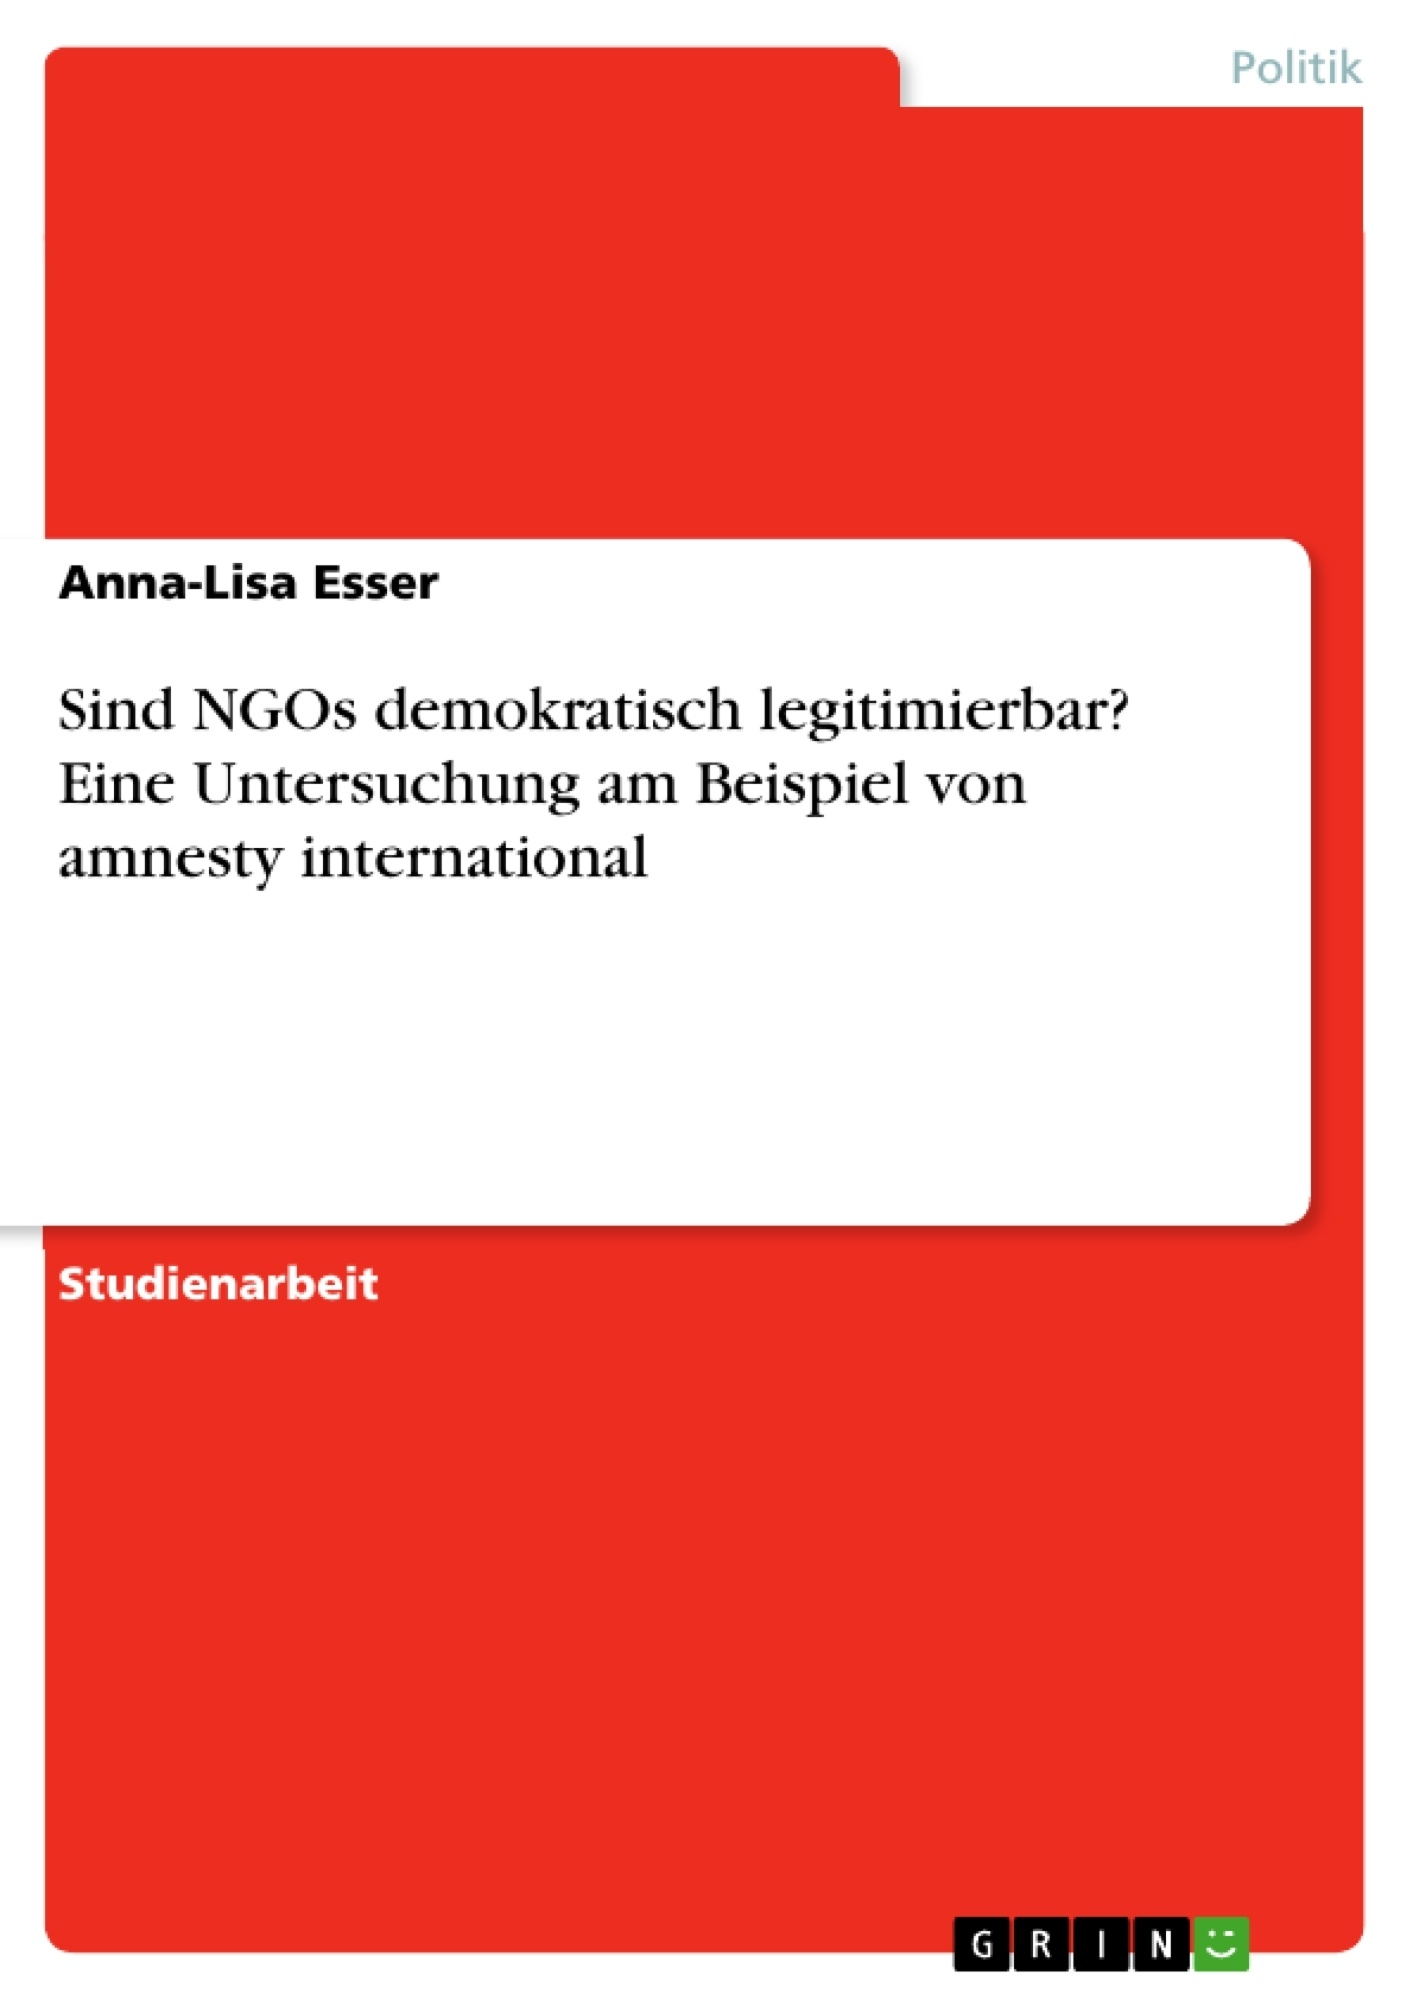 Titel: Sind NGOs demokratisch legitimierbar?  Eine Untersuchung am Beispiel von amnesty international